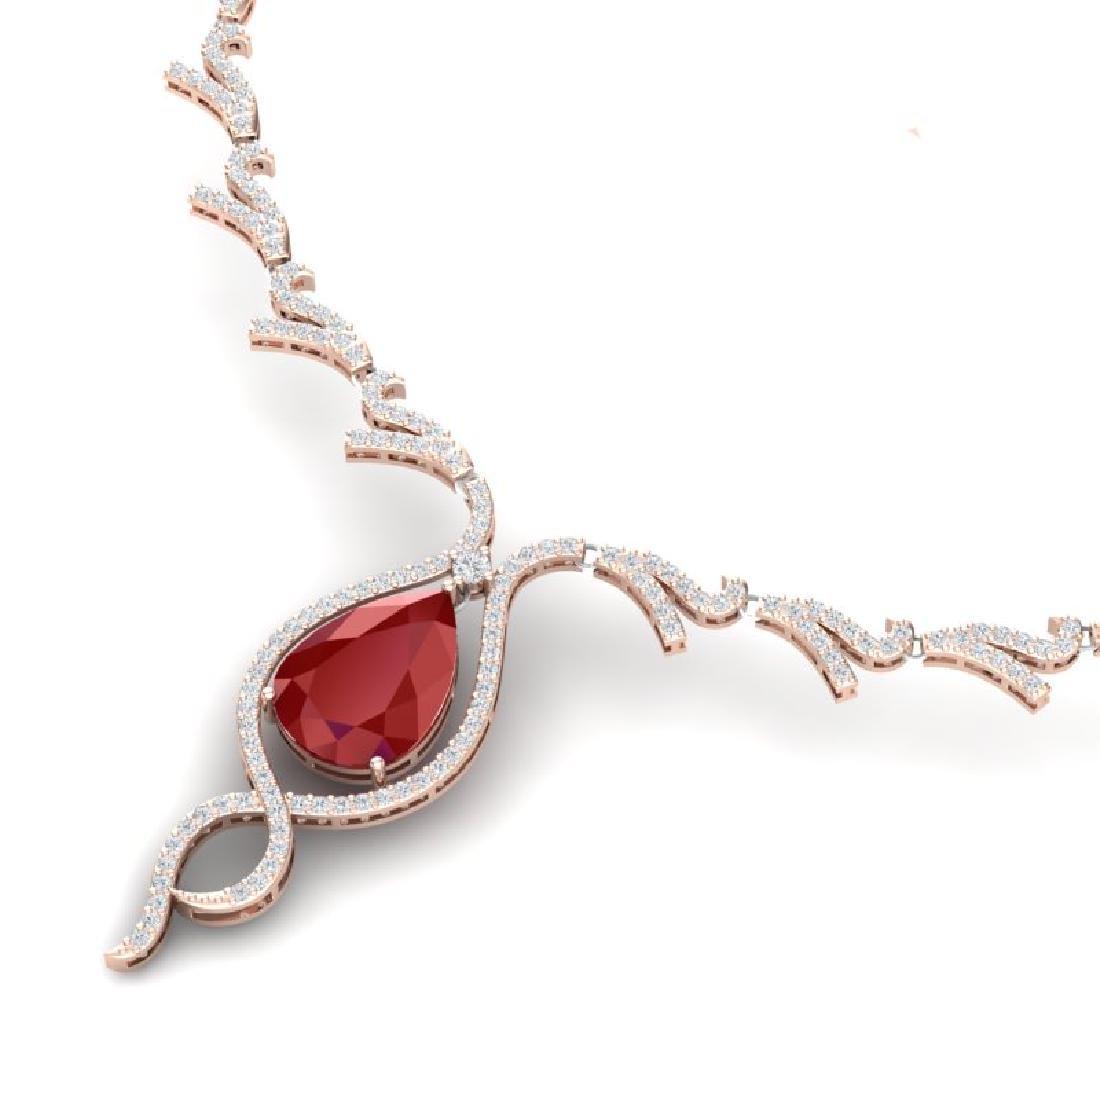 23.43 CTW Royalty Ruby & VS Diamond Necklace 18K Rose - 2